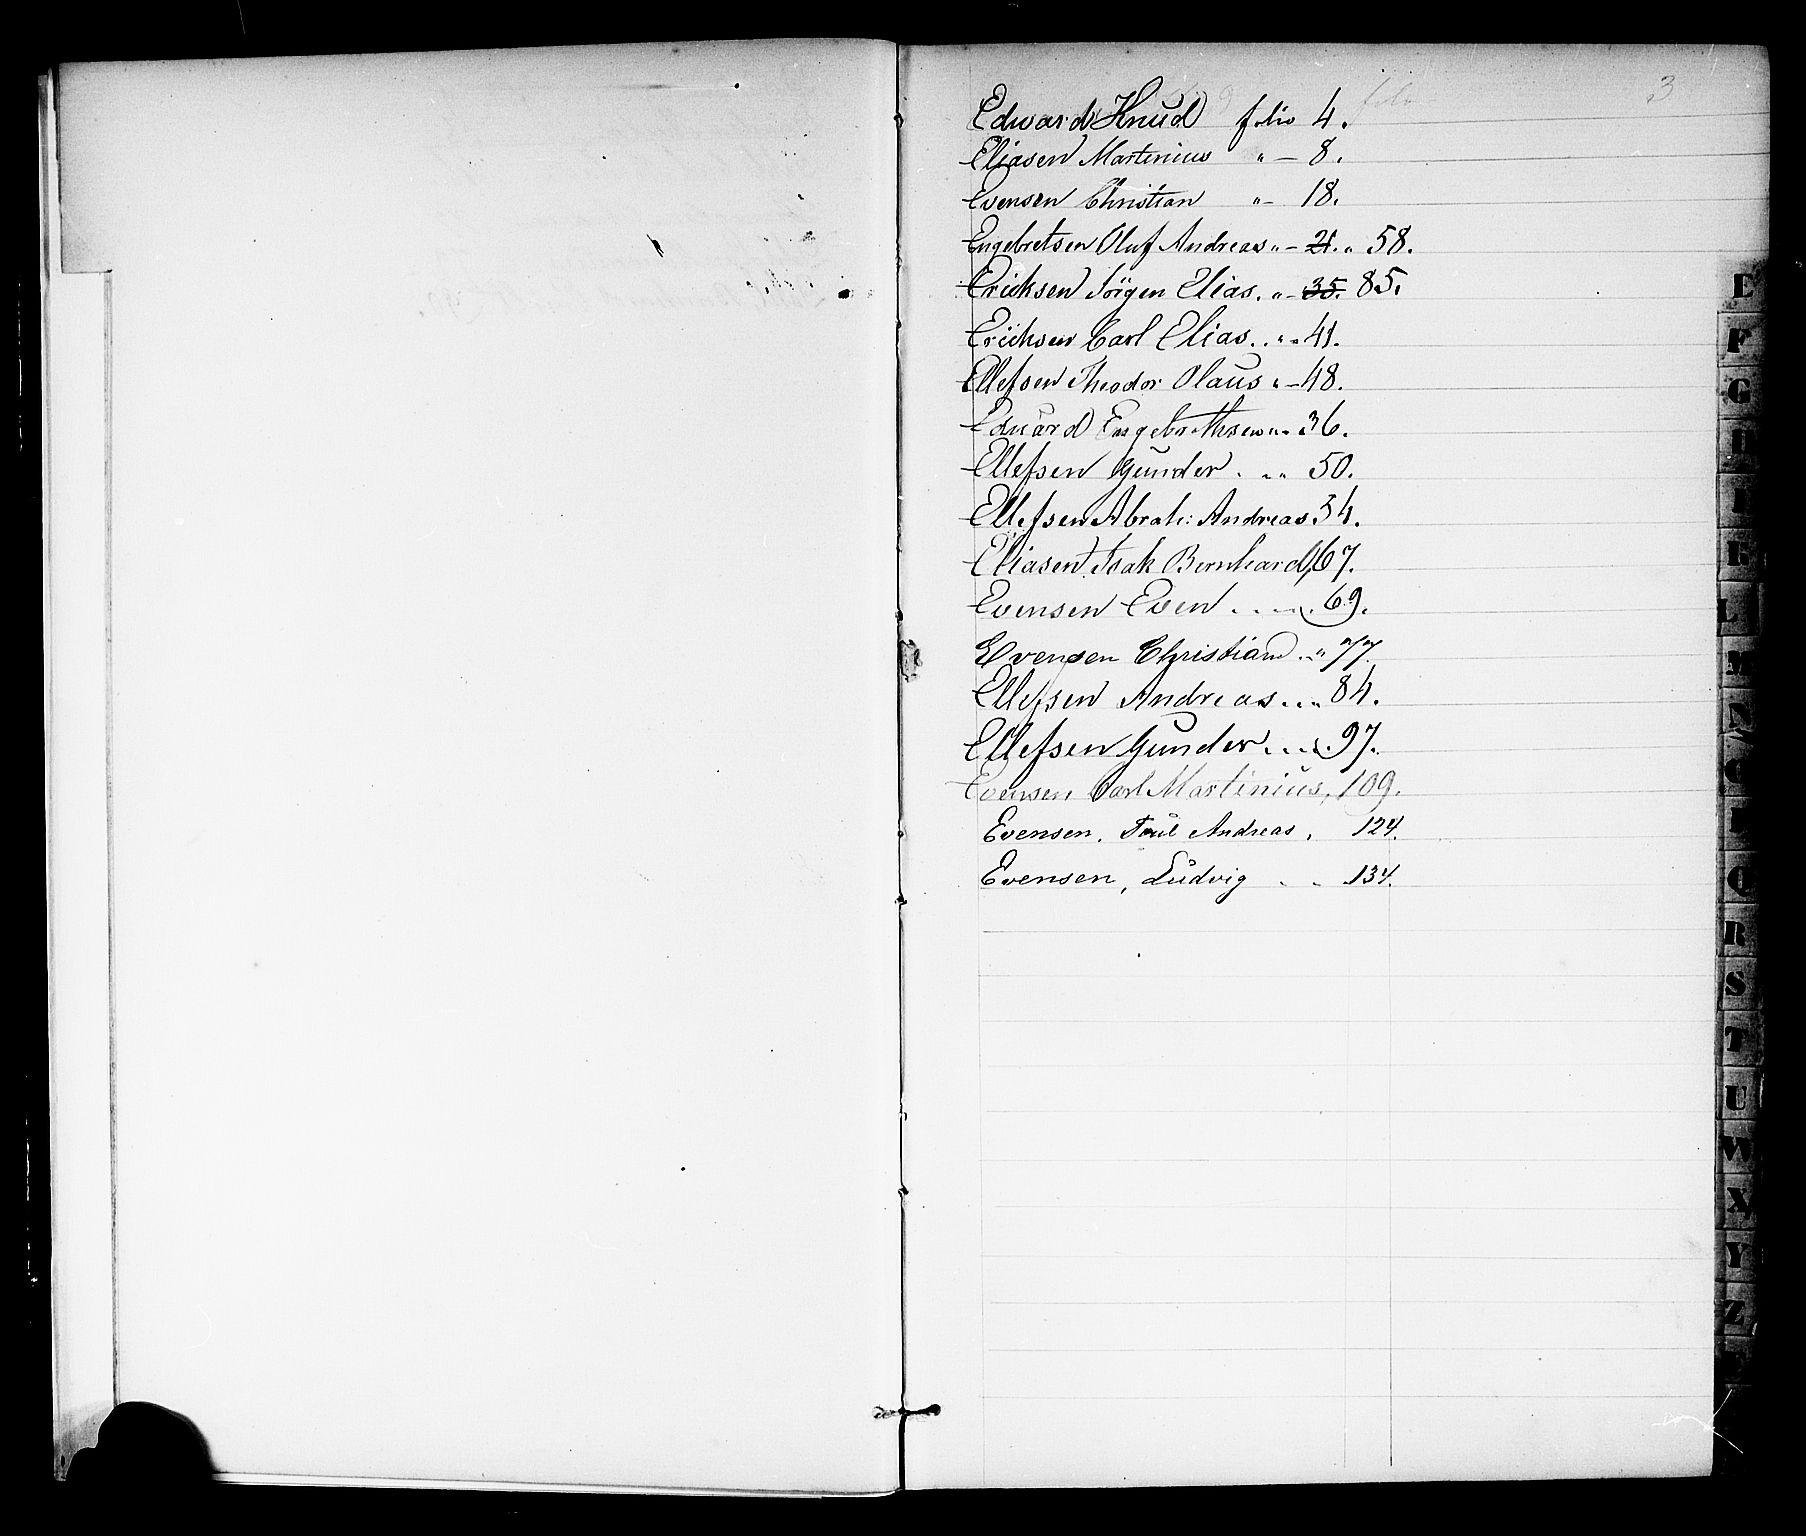 SAKO, Porsgrunn innrulleringskontor, F/Fb/L0001: Annotasjonsrulle, 1860-1868, s. 7